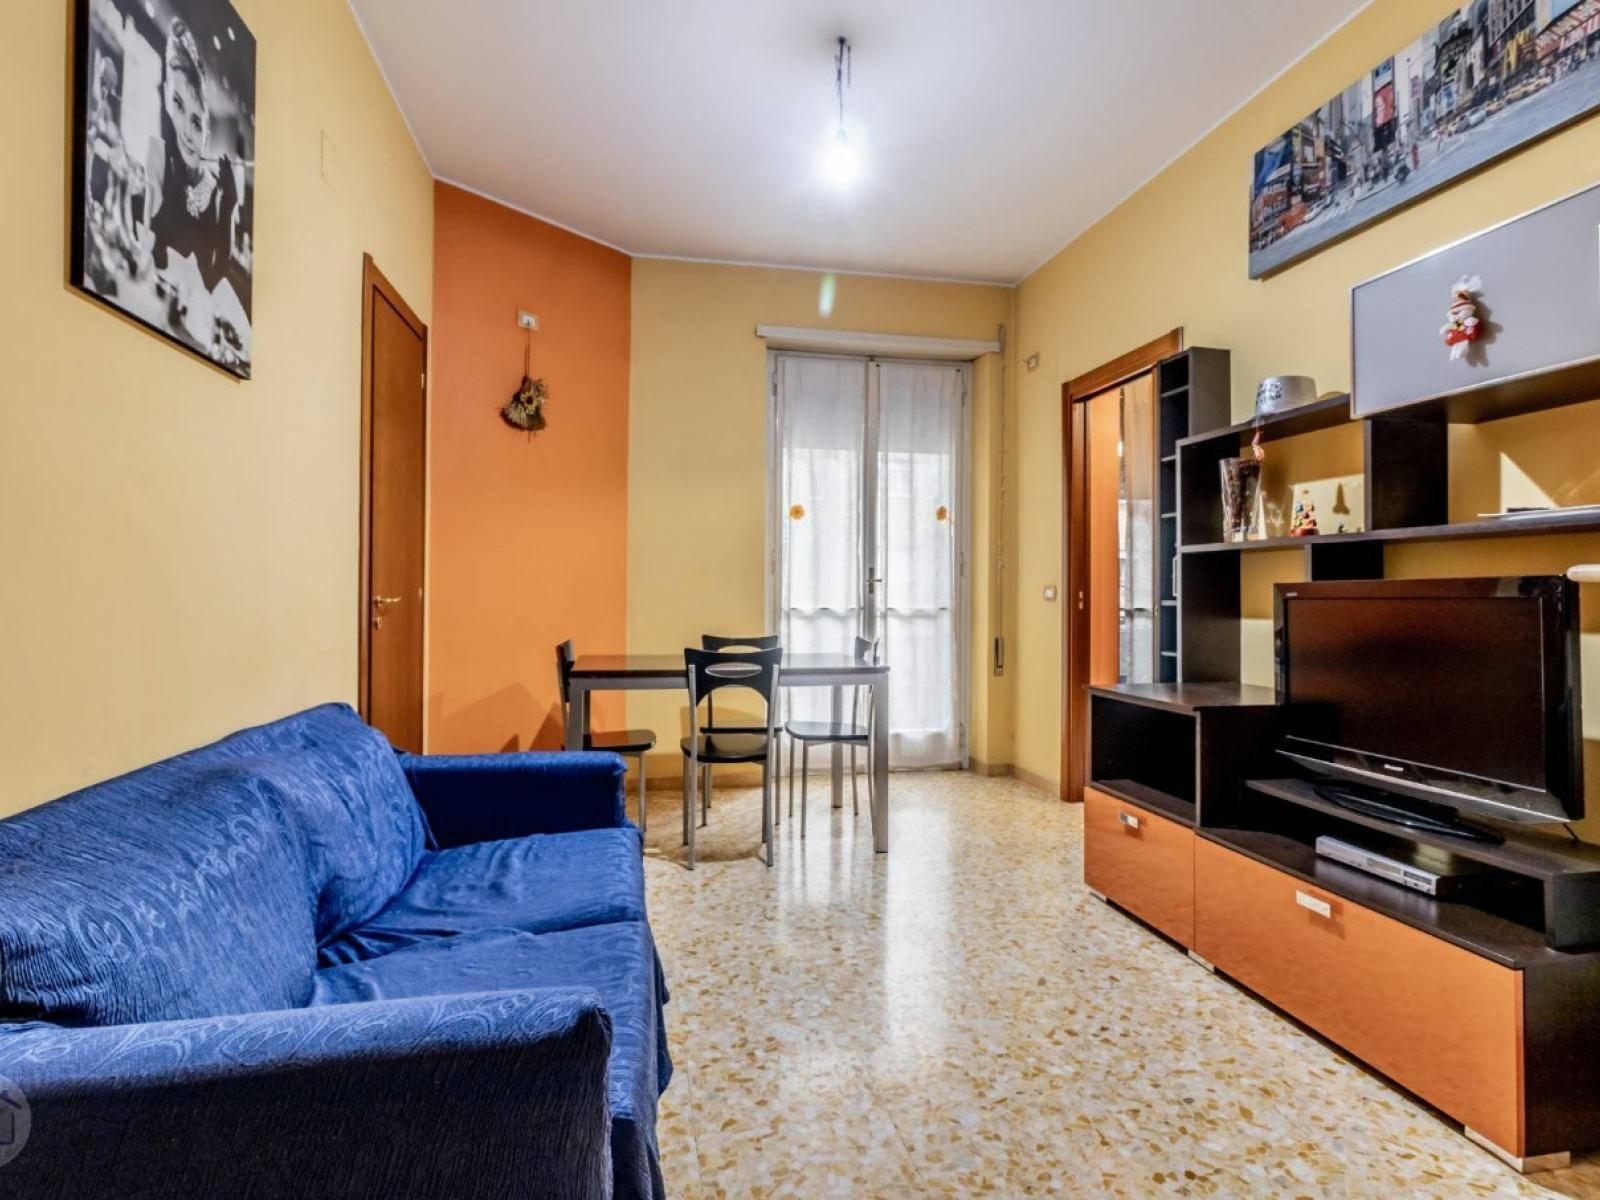 1118420343 Quadrilocale in Via Eugenio Checchi, Roma, Zona Tiburtina, Casal bruciato